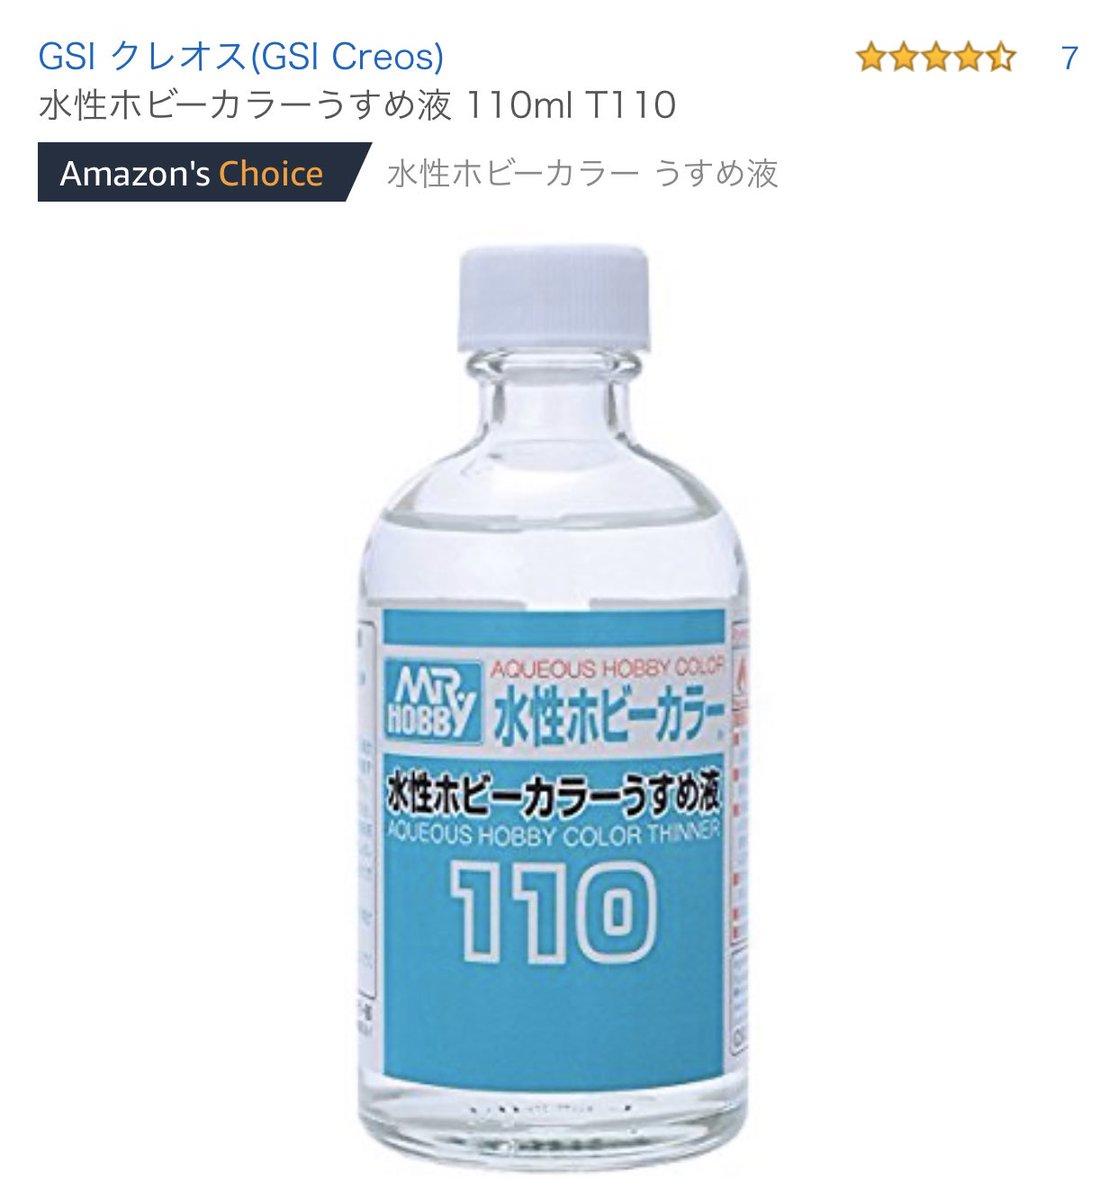 液 カラー うすめ 水性 ホビー